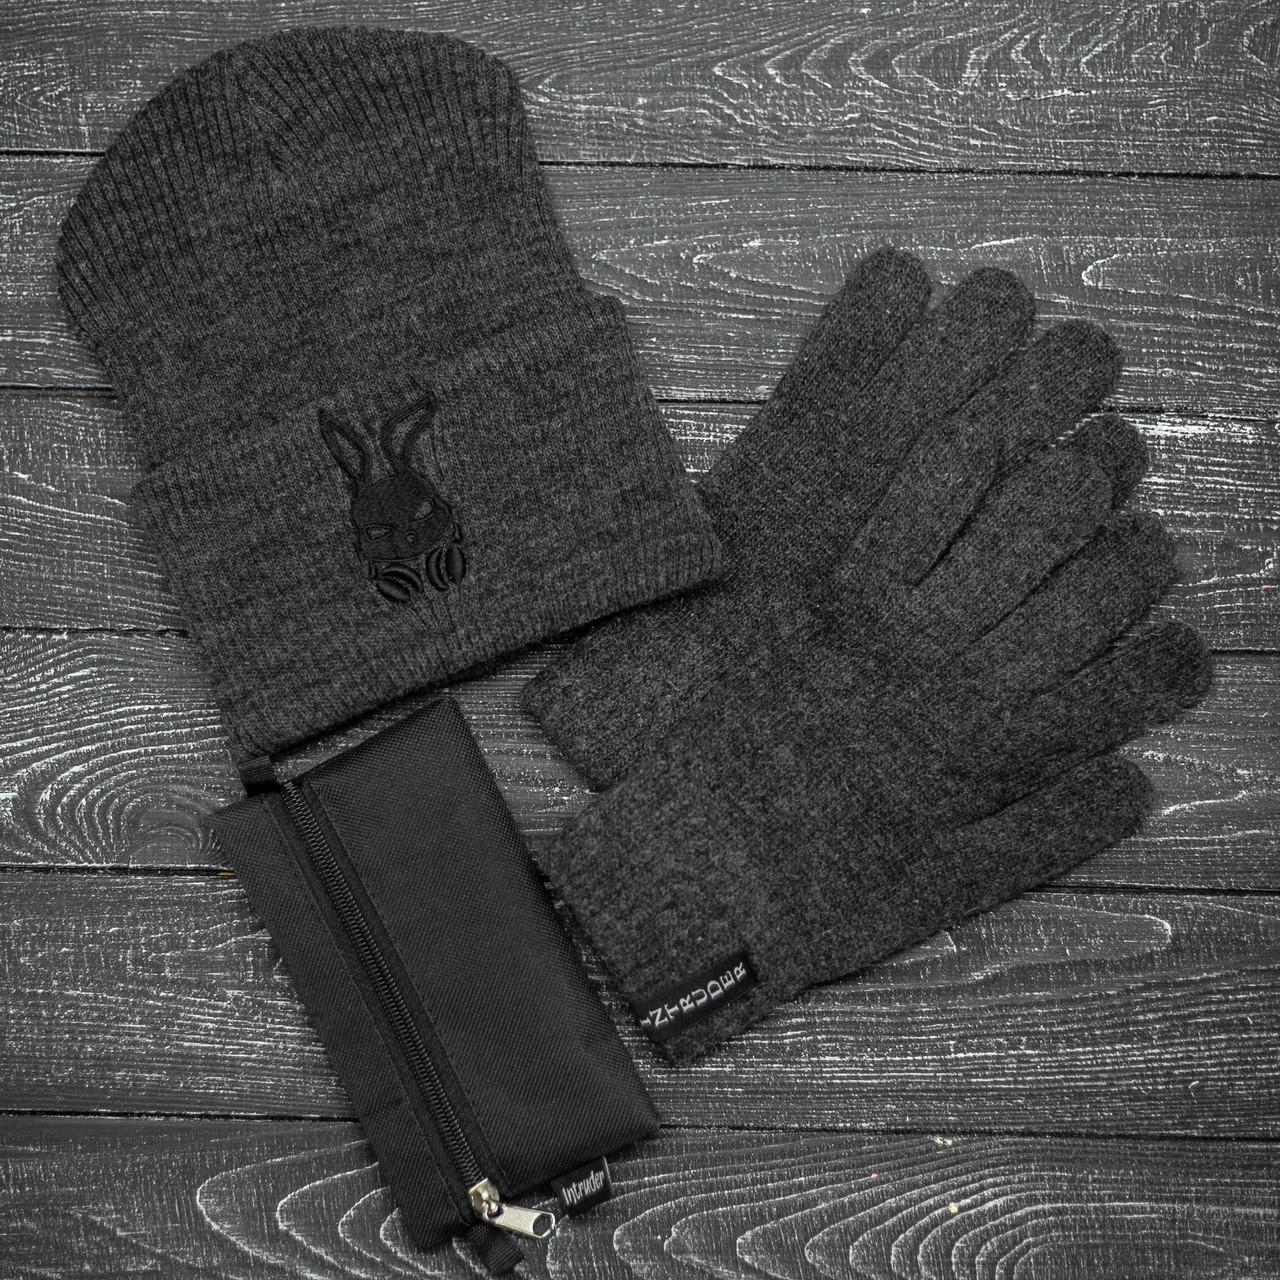 Чоловіча | Жіноча шапка Intruder сіра зимова bunny logo + рукавички сірі, зимовий комплект + ПОДАРУНОК